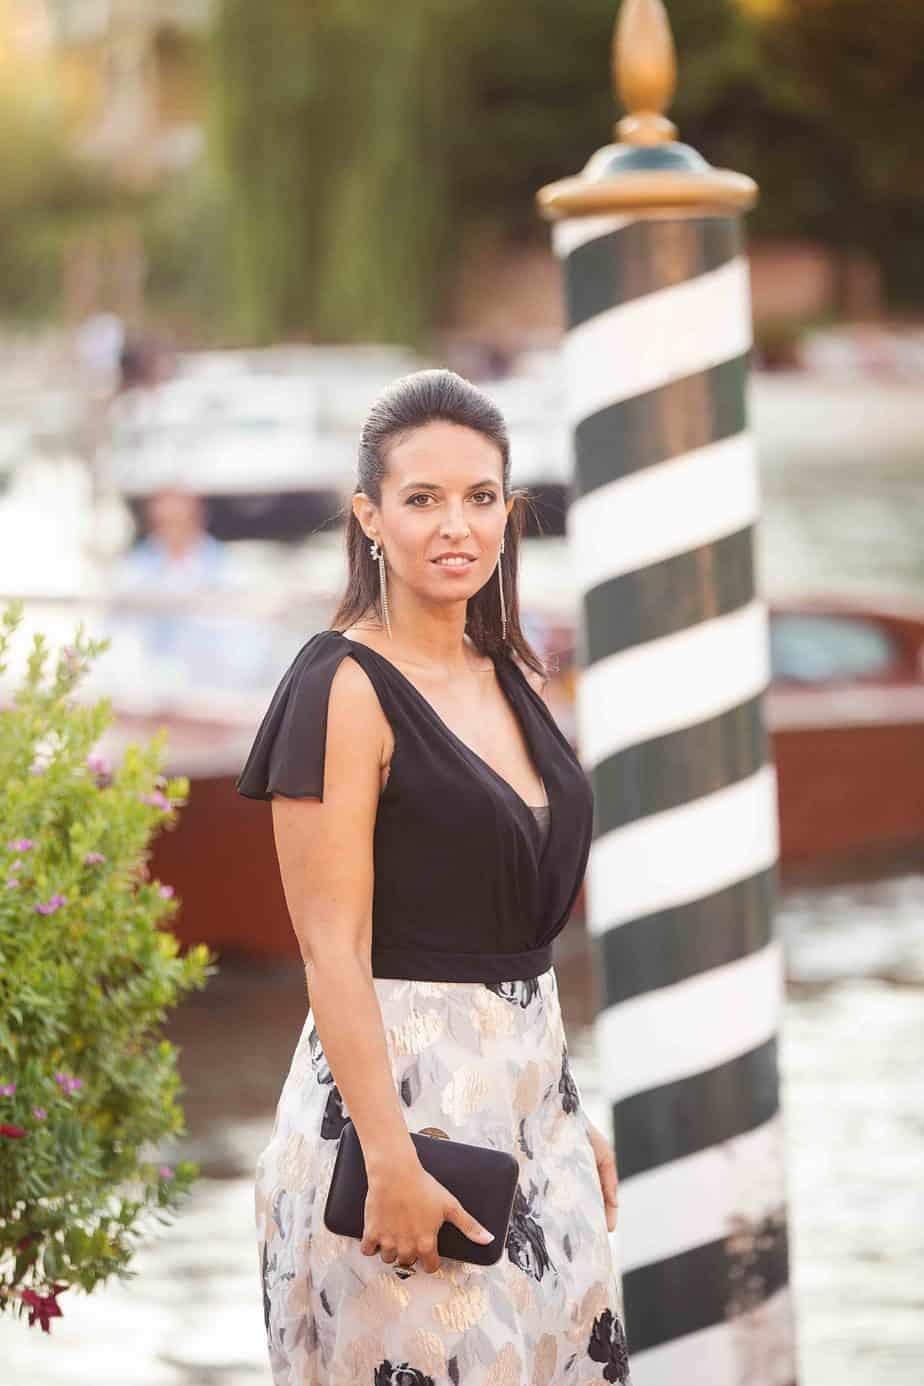 Pasqua_Wines_Mostra del cinema_Venice-6